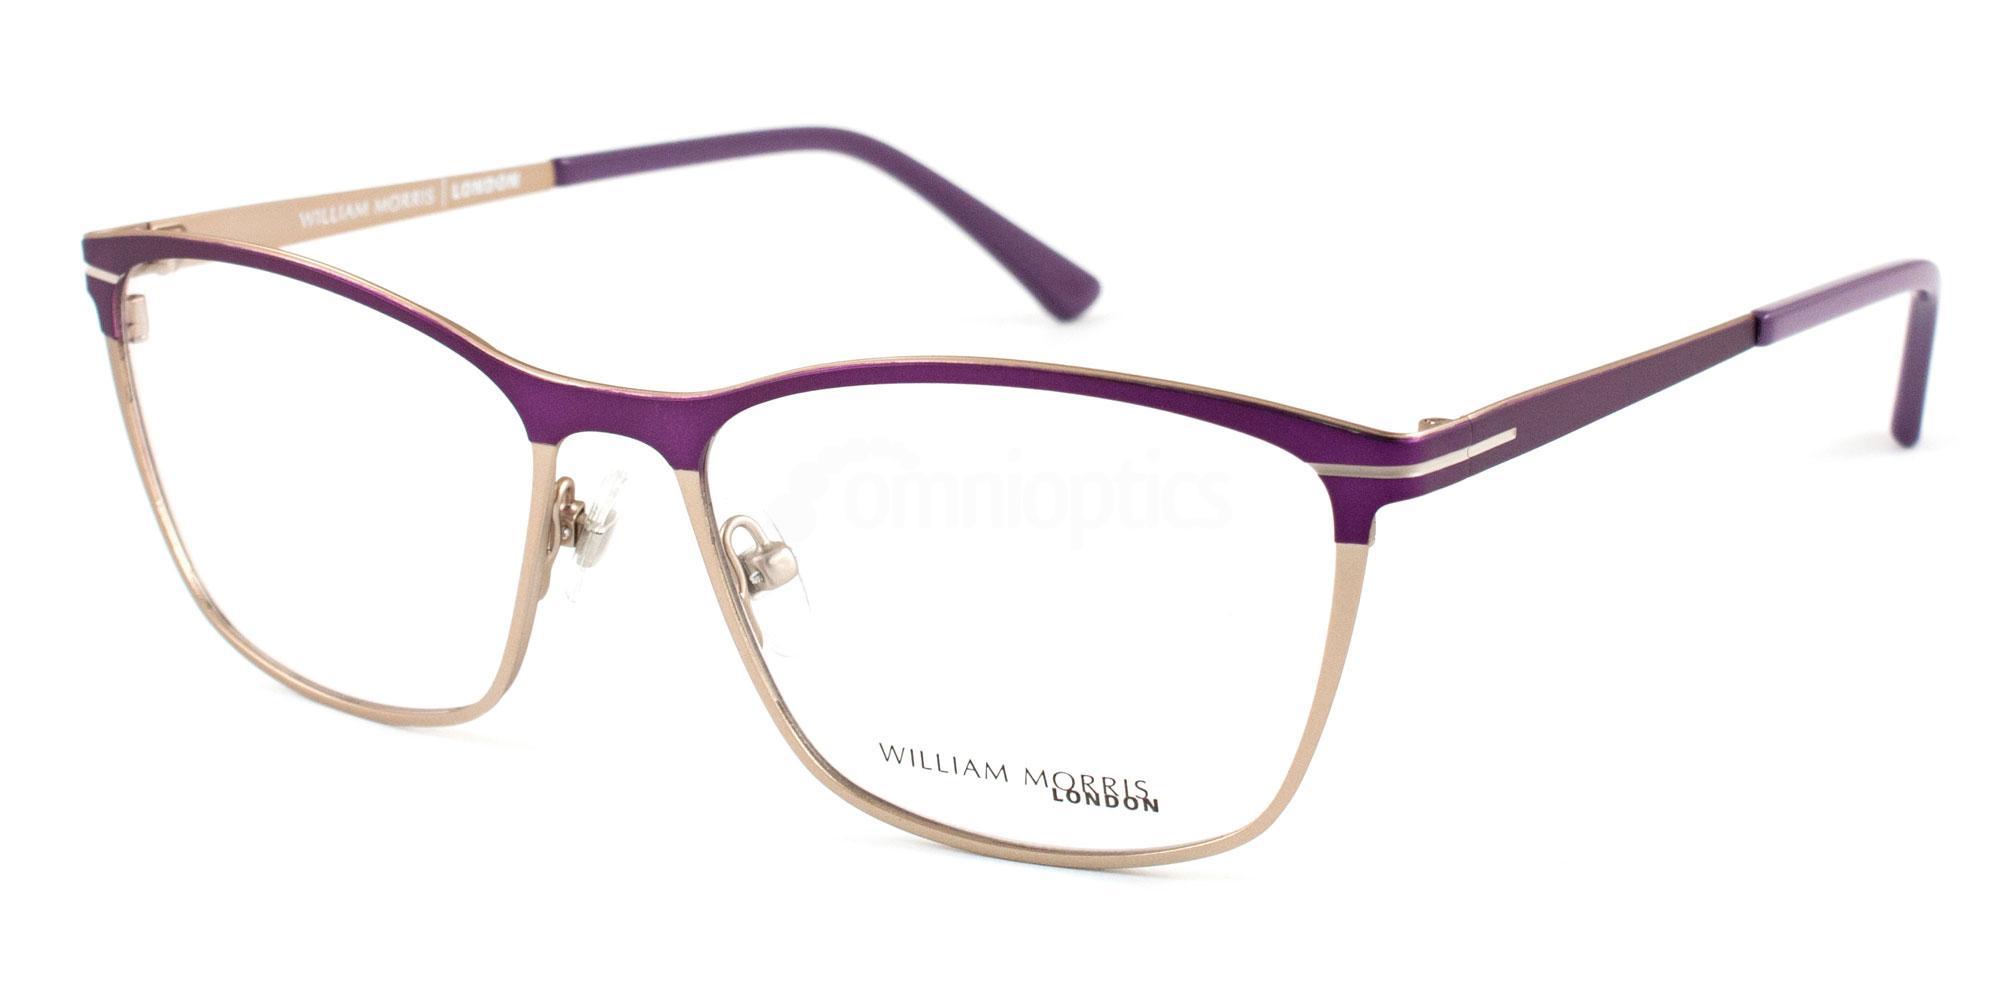 C1 WL6999 , William Morris London